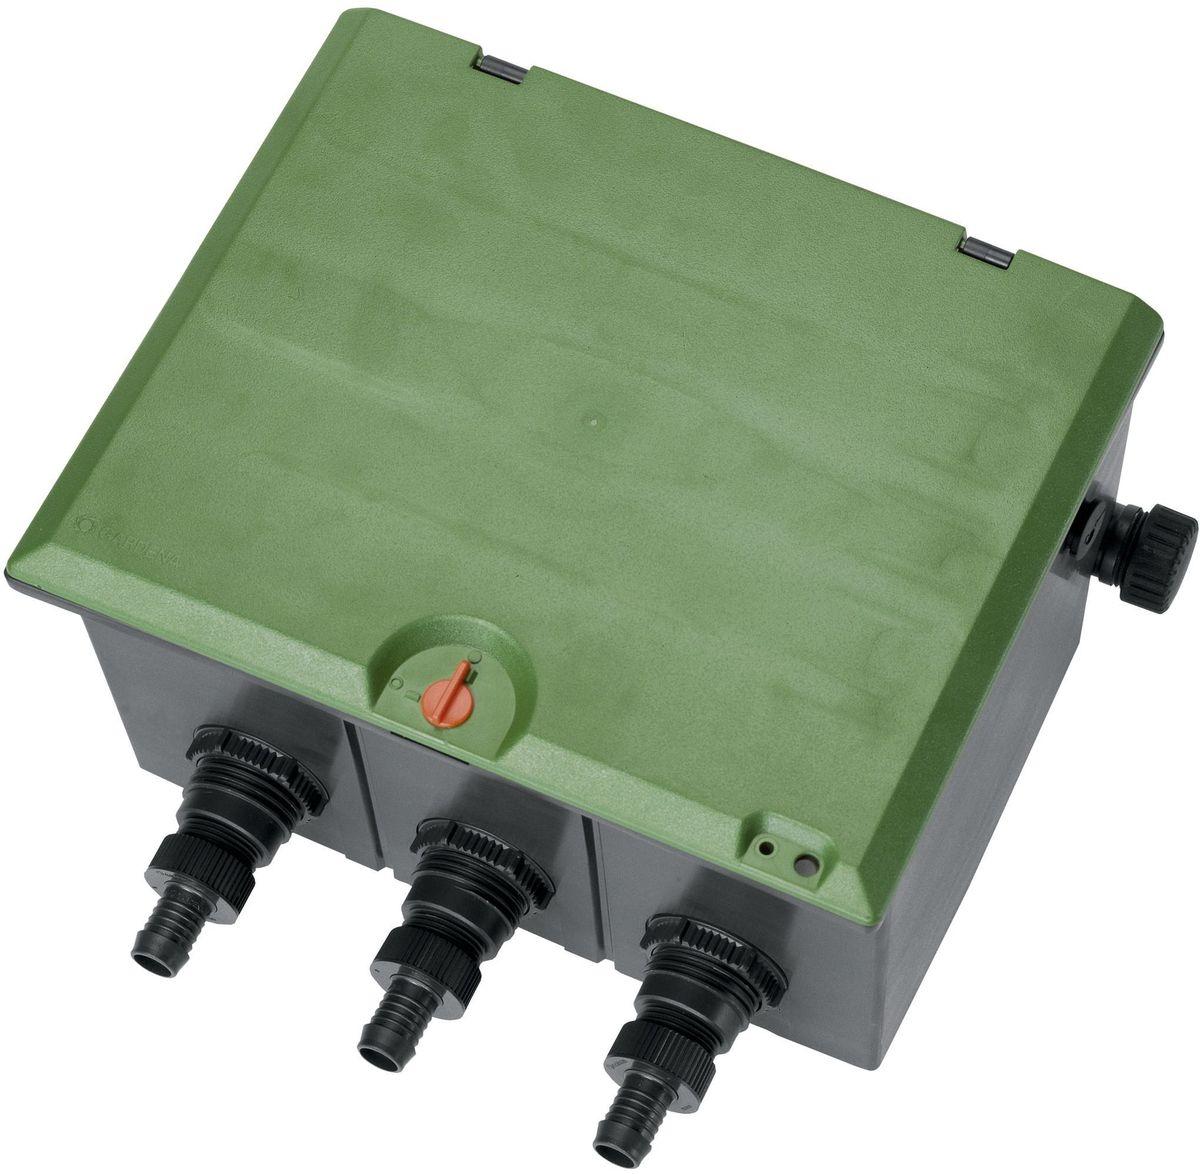 Коробка для клапана Gardena, для полива V3, наружная резьба 101255-29.000.00Коробка для клапана Gardena, для полива V3 рассчитана на подземную установку трех клапанов для полива 24 В (арт. 1278-20) или трех клапанов для полива 9 В (арт. 1251-20). Подача воды осуществляется с трех сторон. Телескопическое резьбовое соединение обеспечивает удобство монтажа/демонтажа клапана. Водонепроницаемый короб обеспечивает удобное и аккуратное кабельное соединение (24 В). Для осушения подающего канала в преддверии морозной погоды используется центральный дренажный клапан. Крышка снабжена механизмом блокировки для безопасности детей. Коробка для клапана снабжена наружной резьбой 1 дюйм.